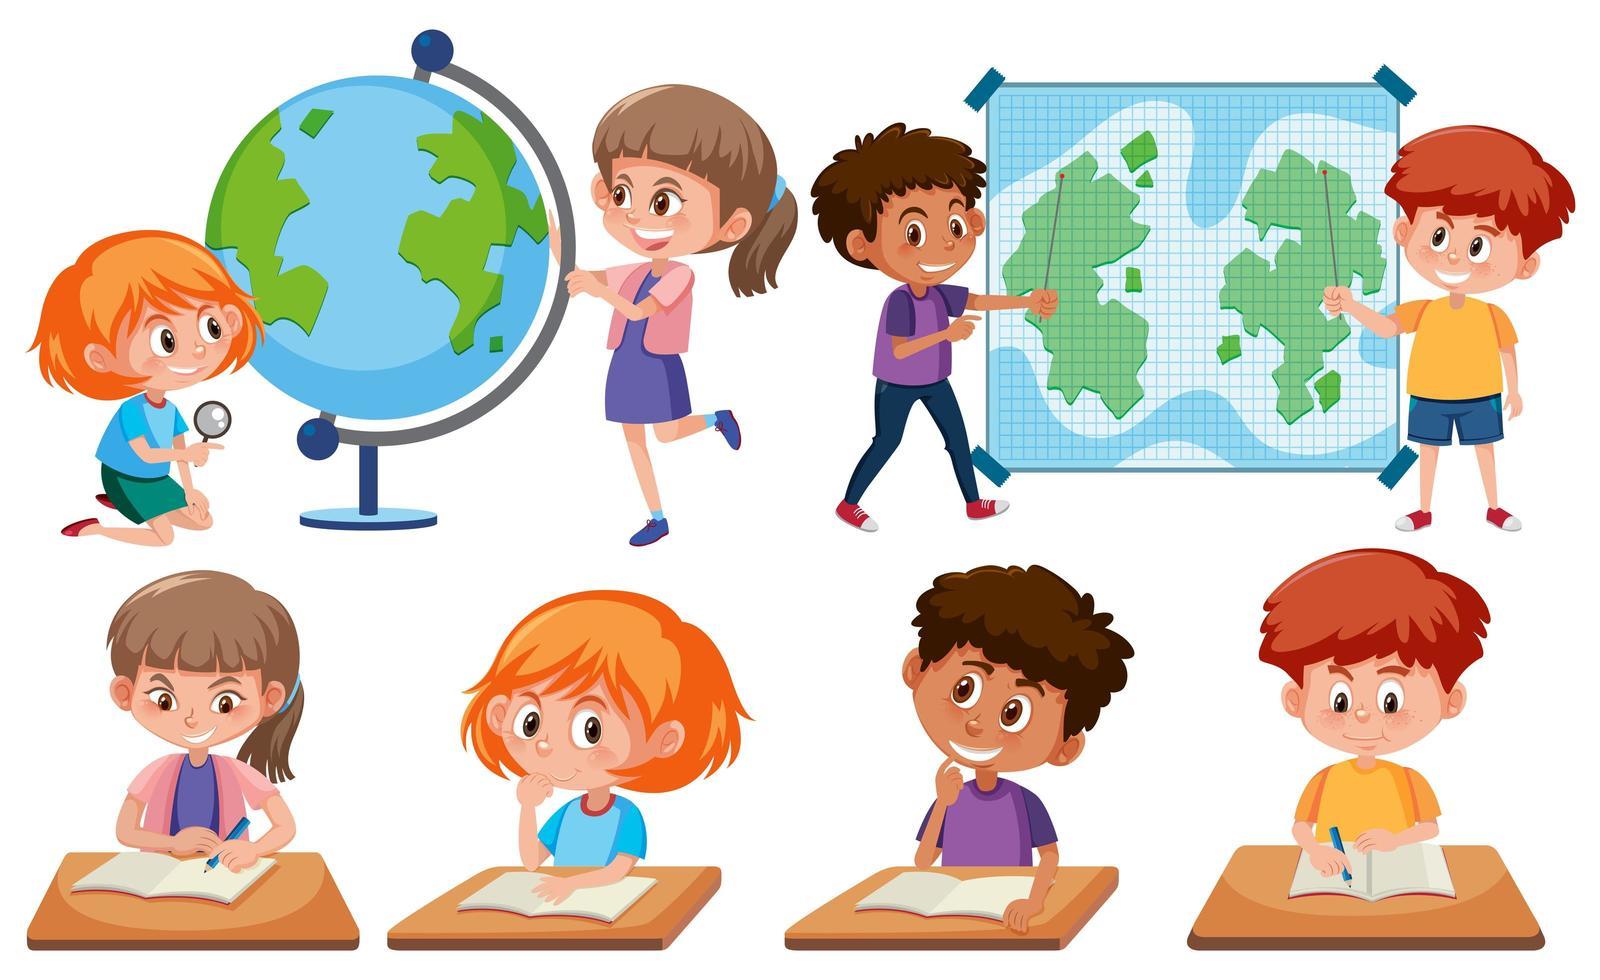 bambini con strumenti di apprendimento vettore